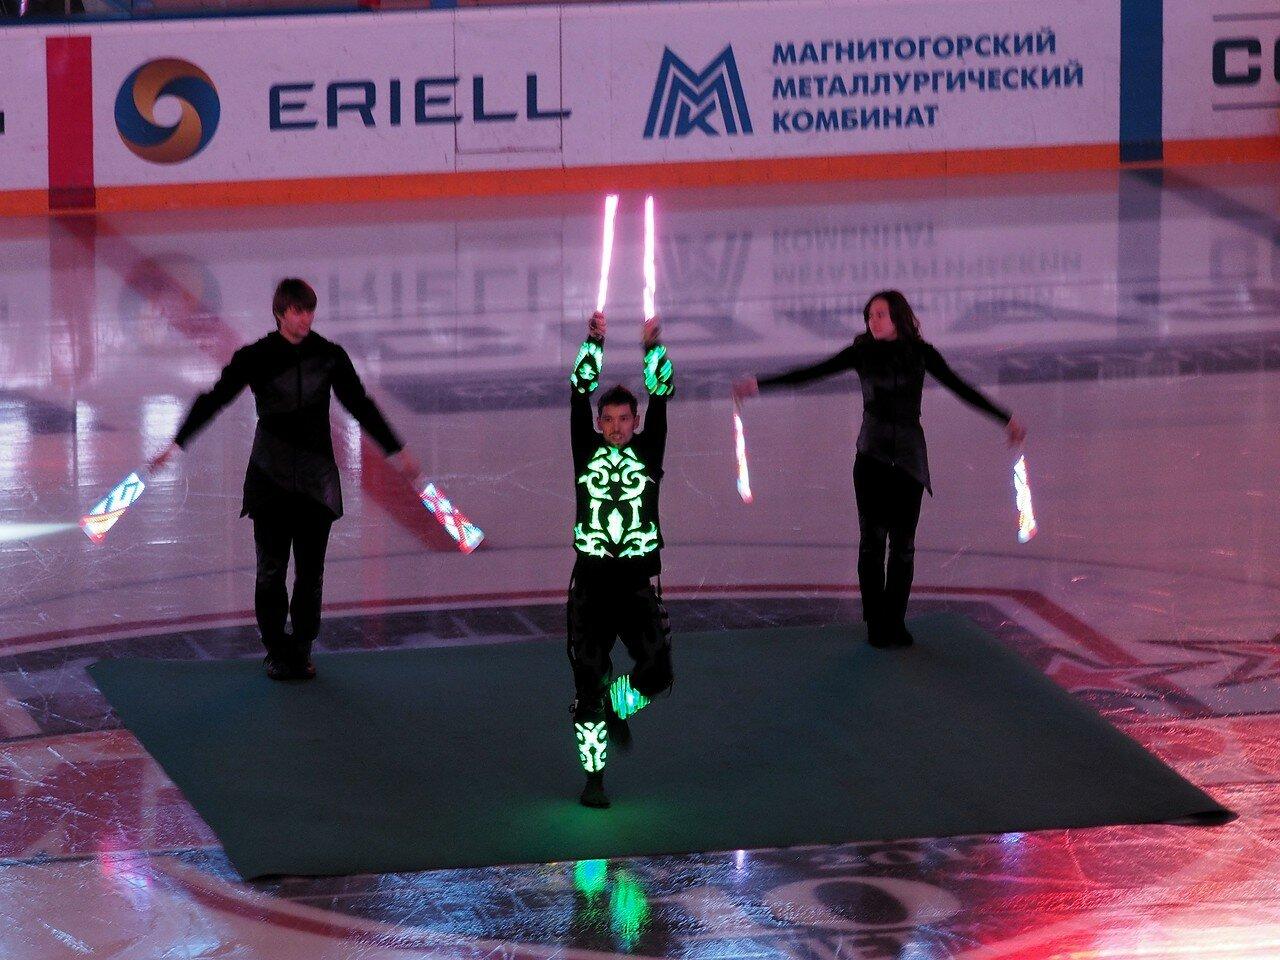 51Металлург - Спартак 13.01.2017